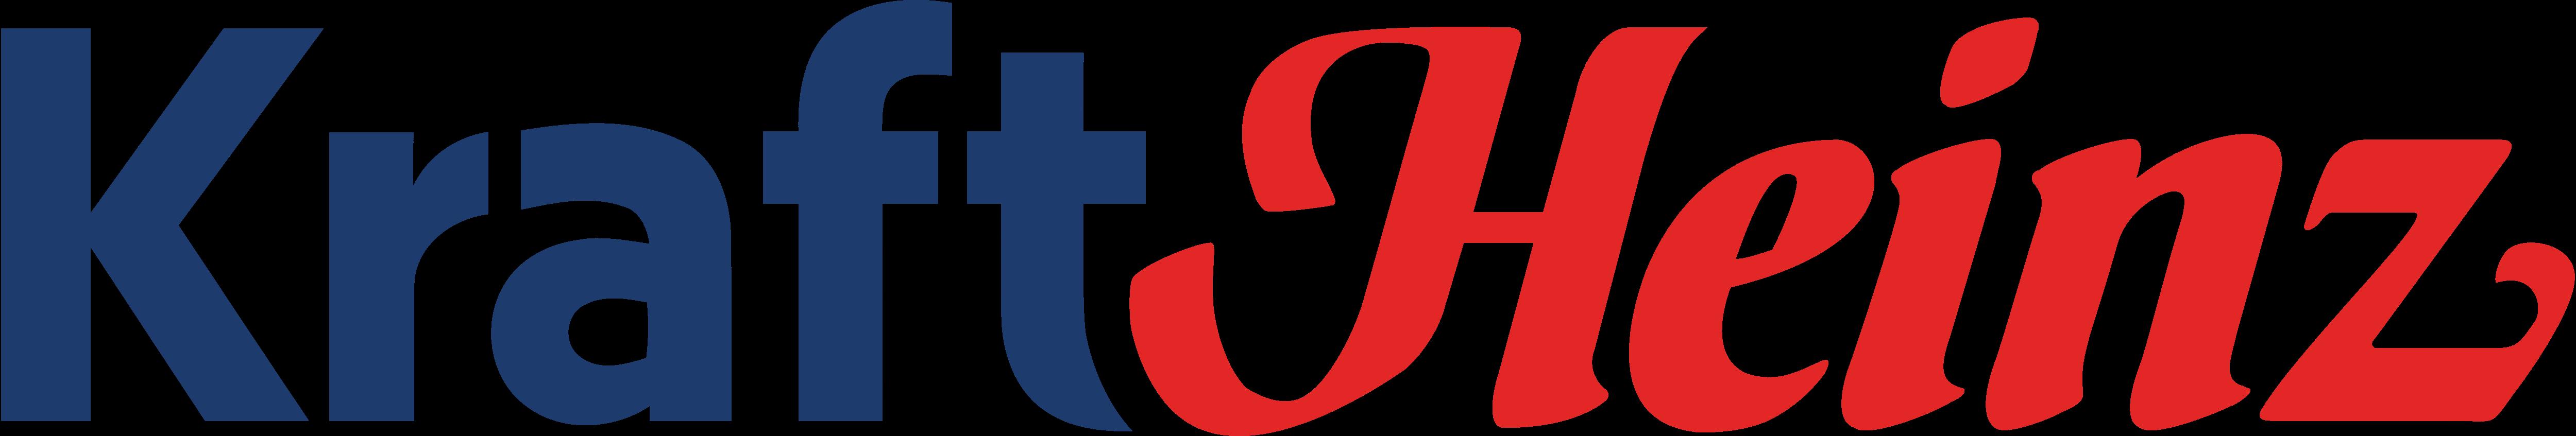 kraft heinz � logos download